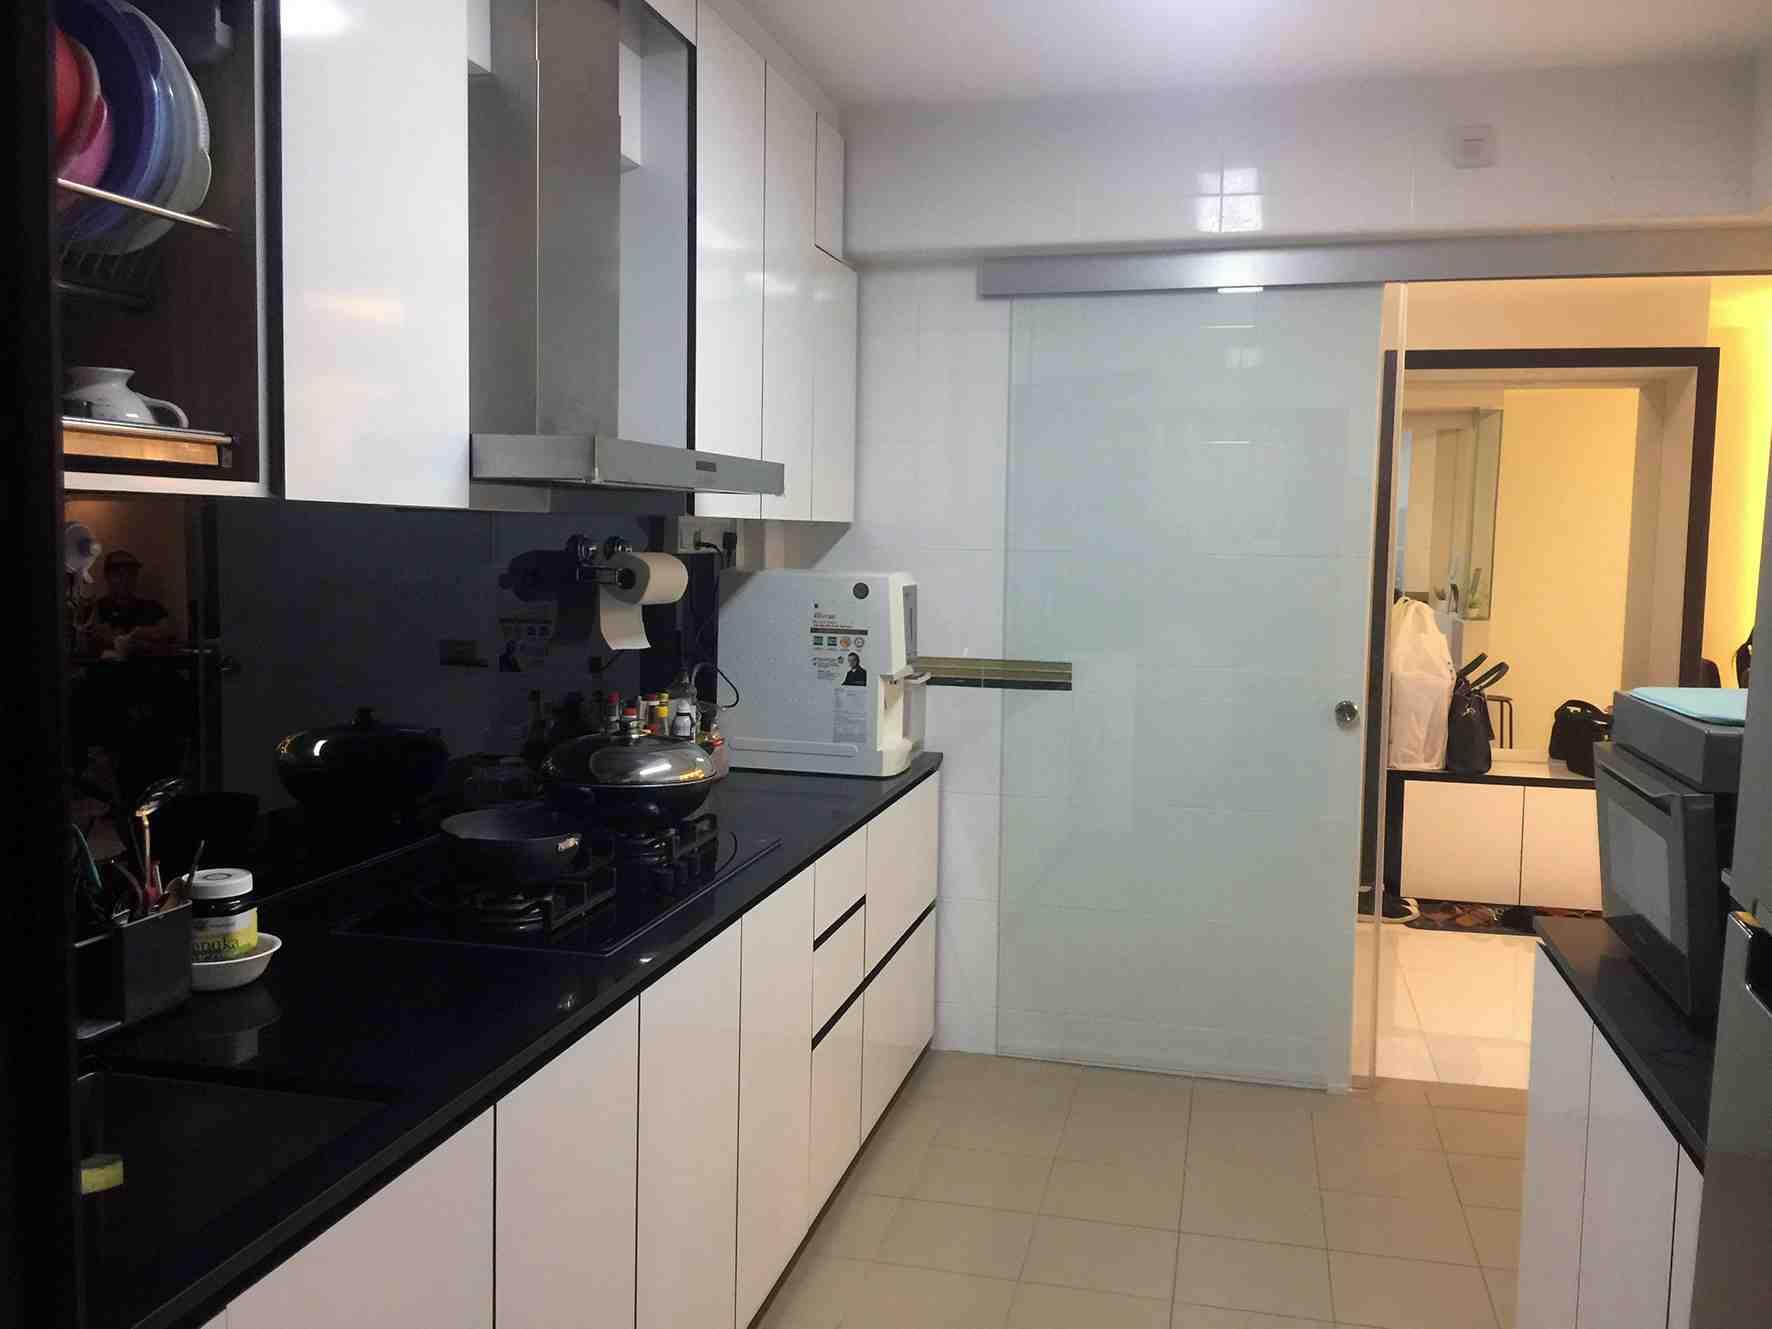 002 kitchen area 1